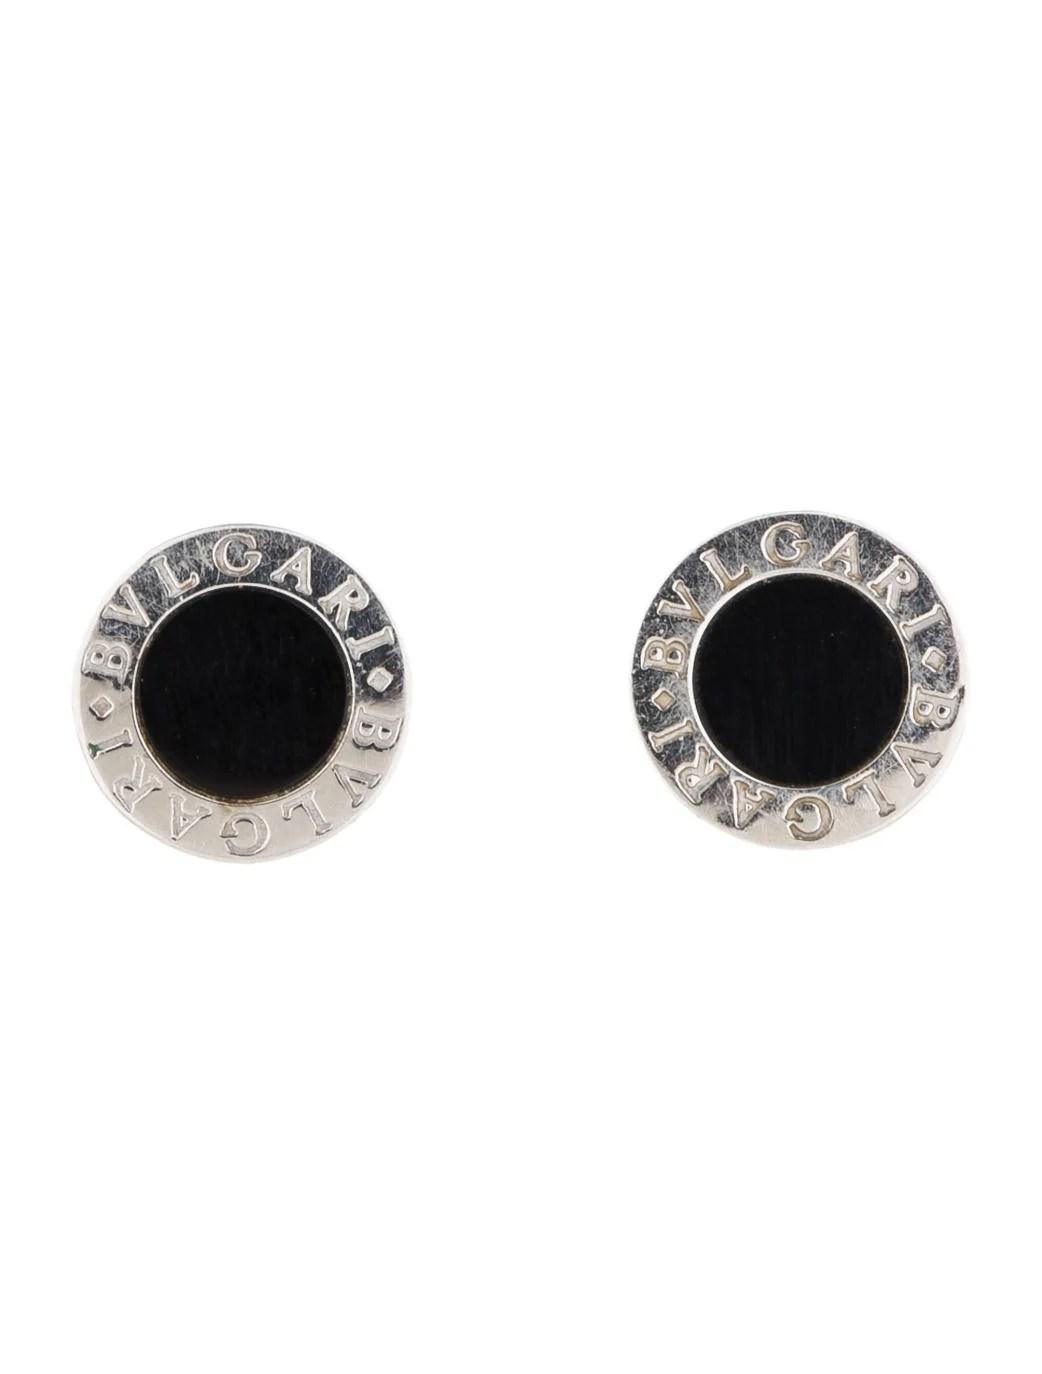 Bvlgari Onyx Stud Earrings